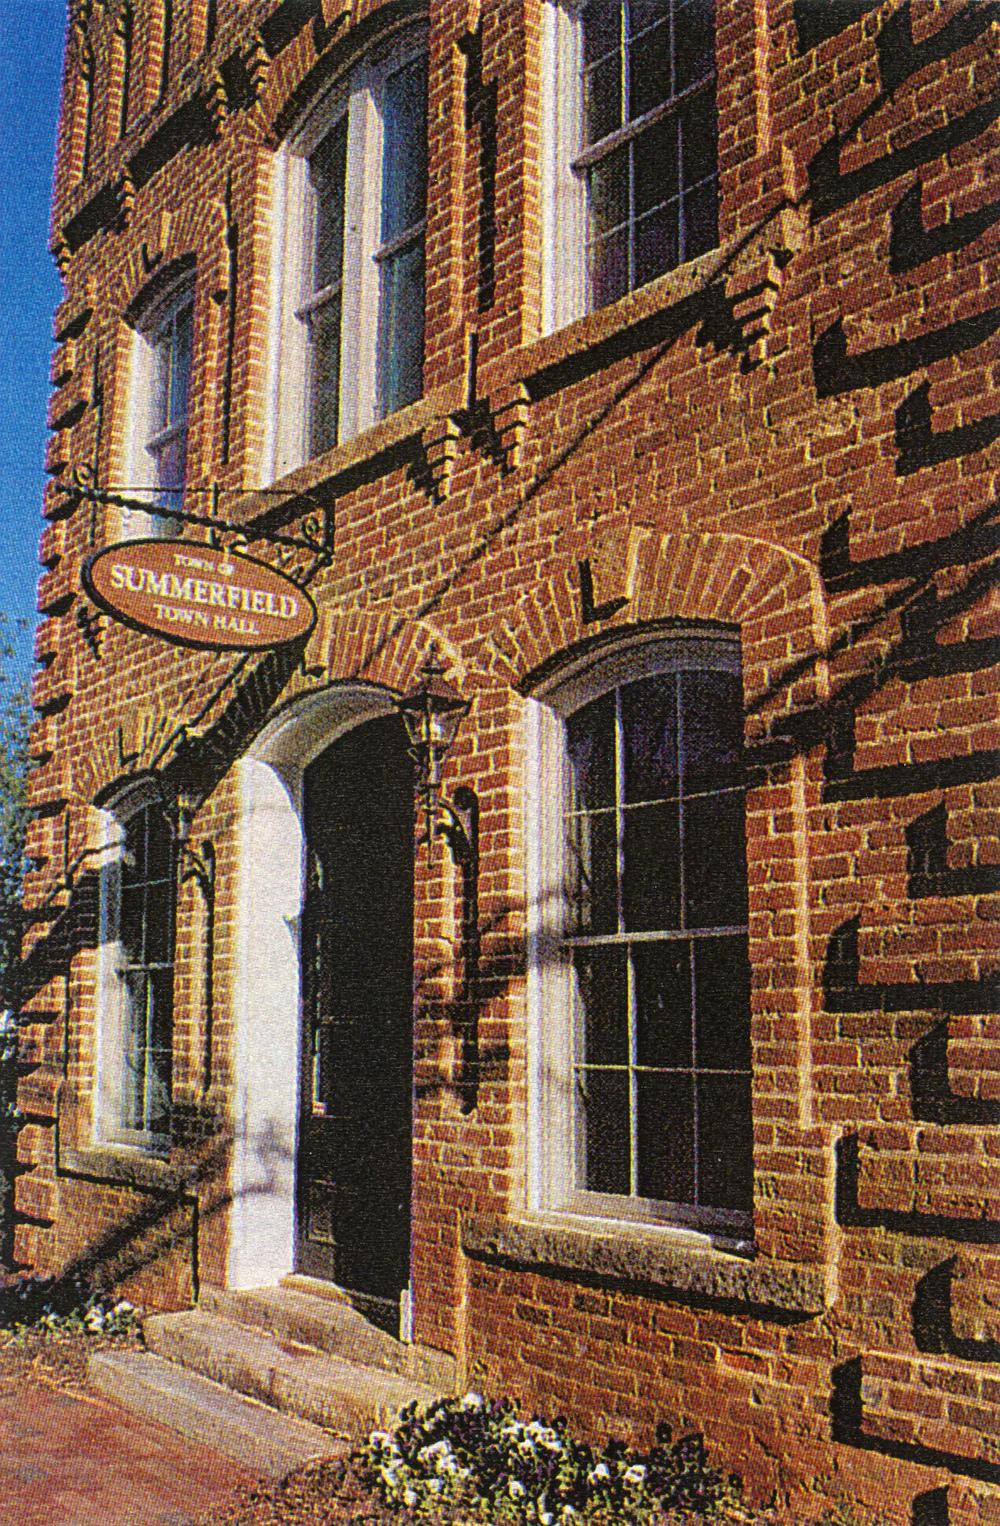 Summerfield Town Hall Historicsummerfield town